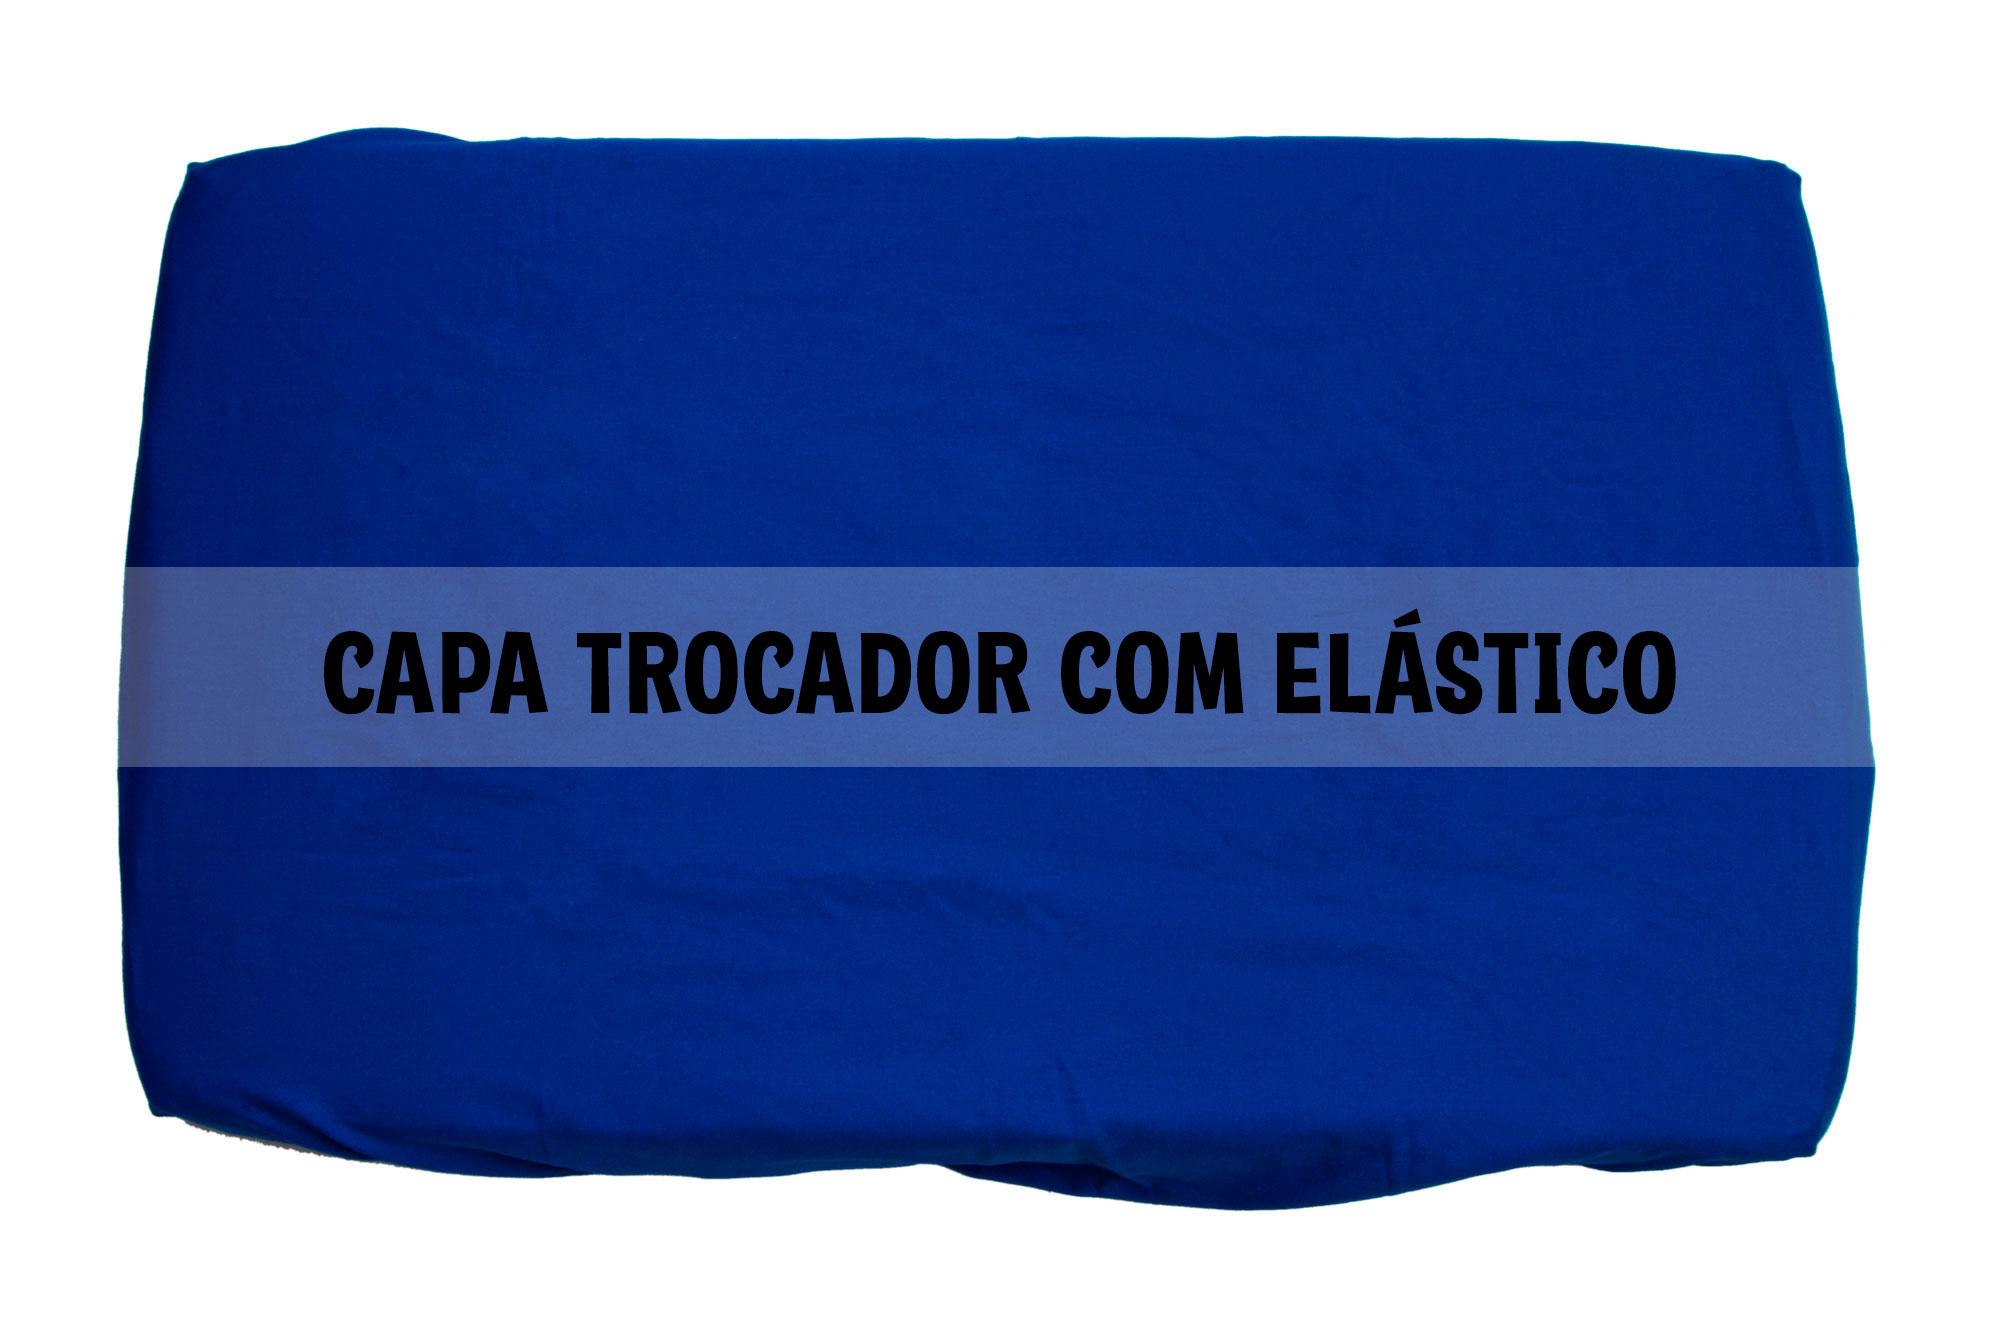 Capa trocador com elástico azul royal